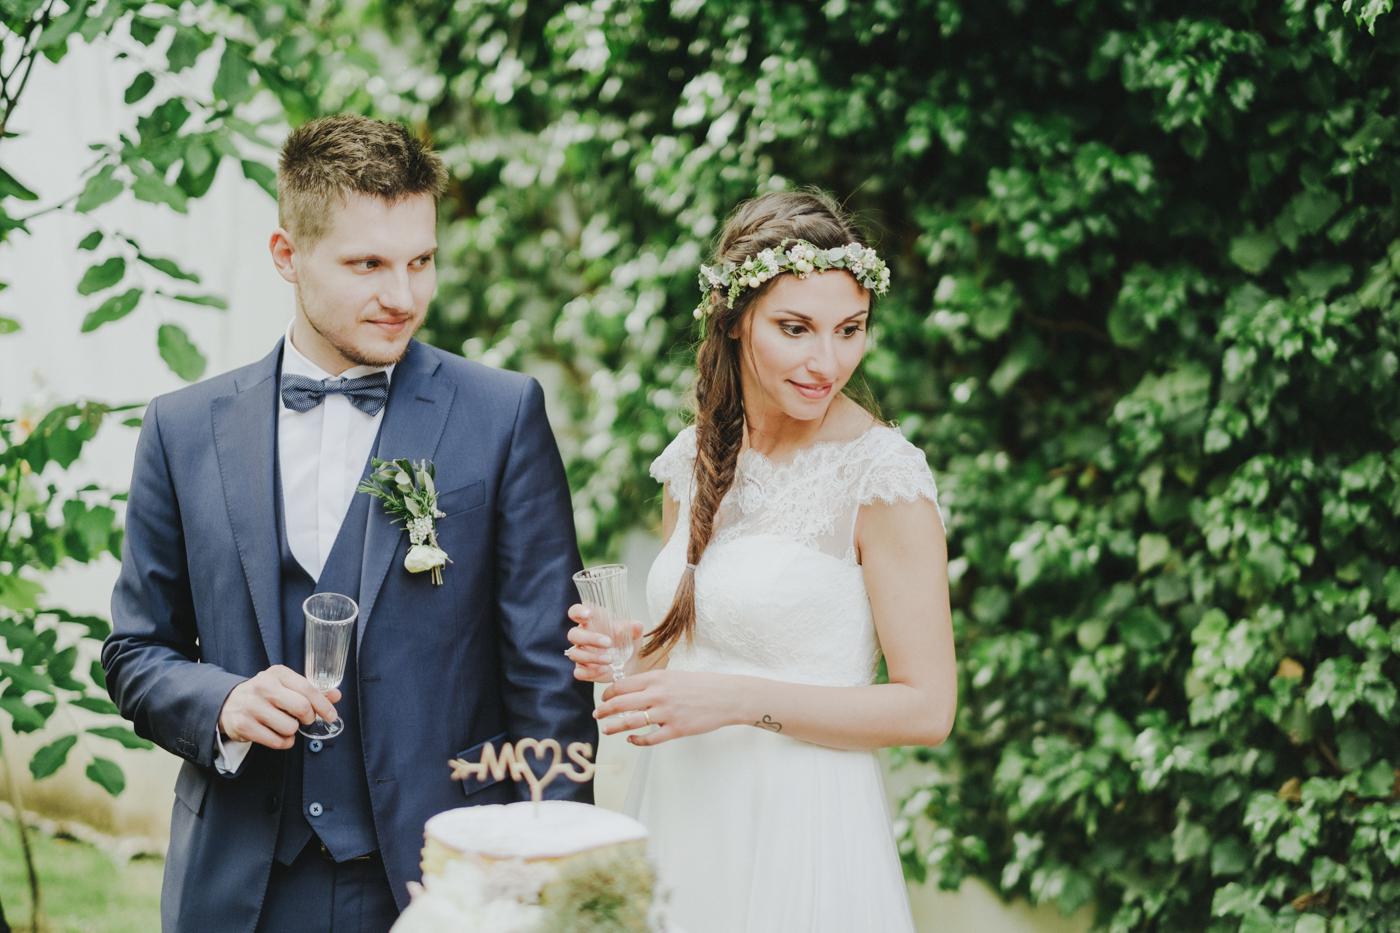 fotografo matrimonio como-142.jpg